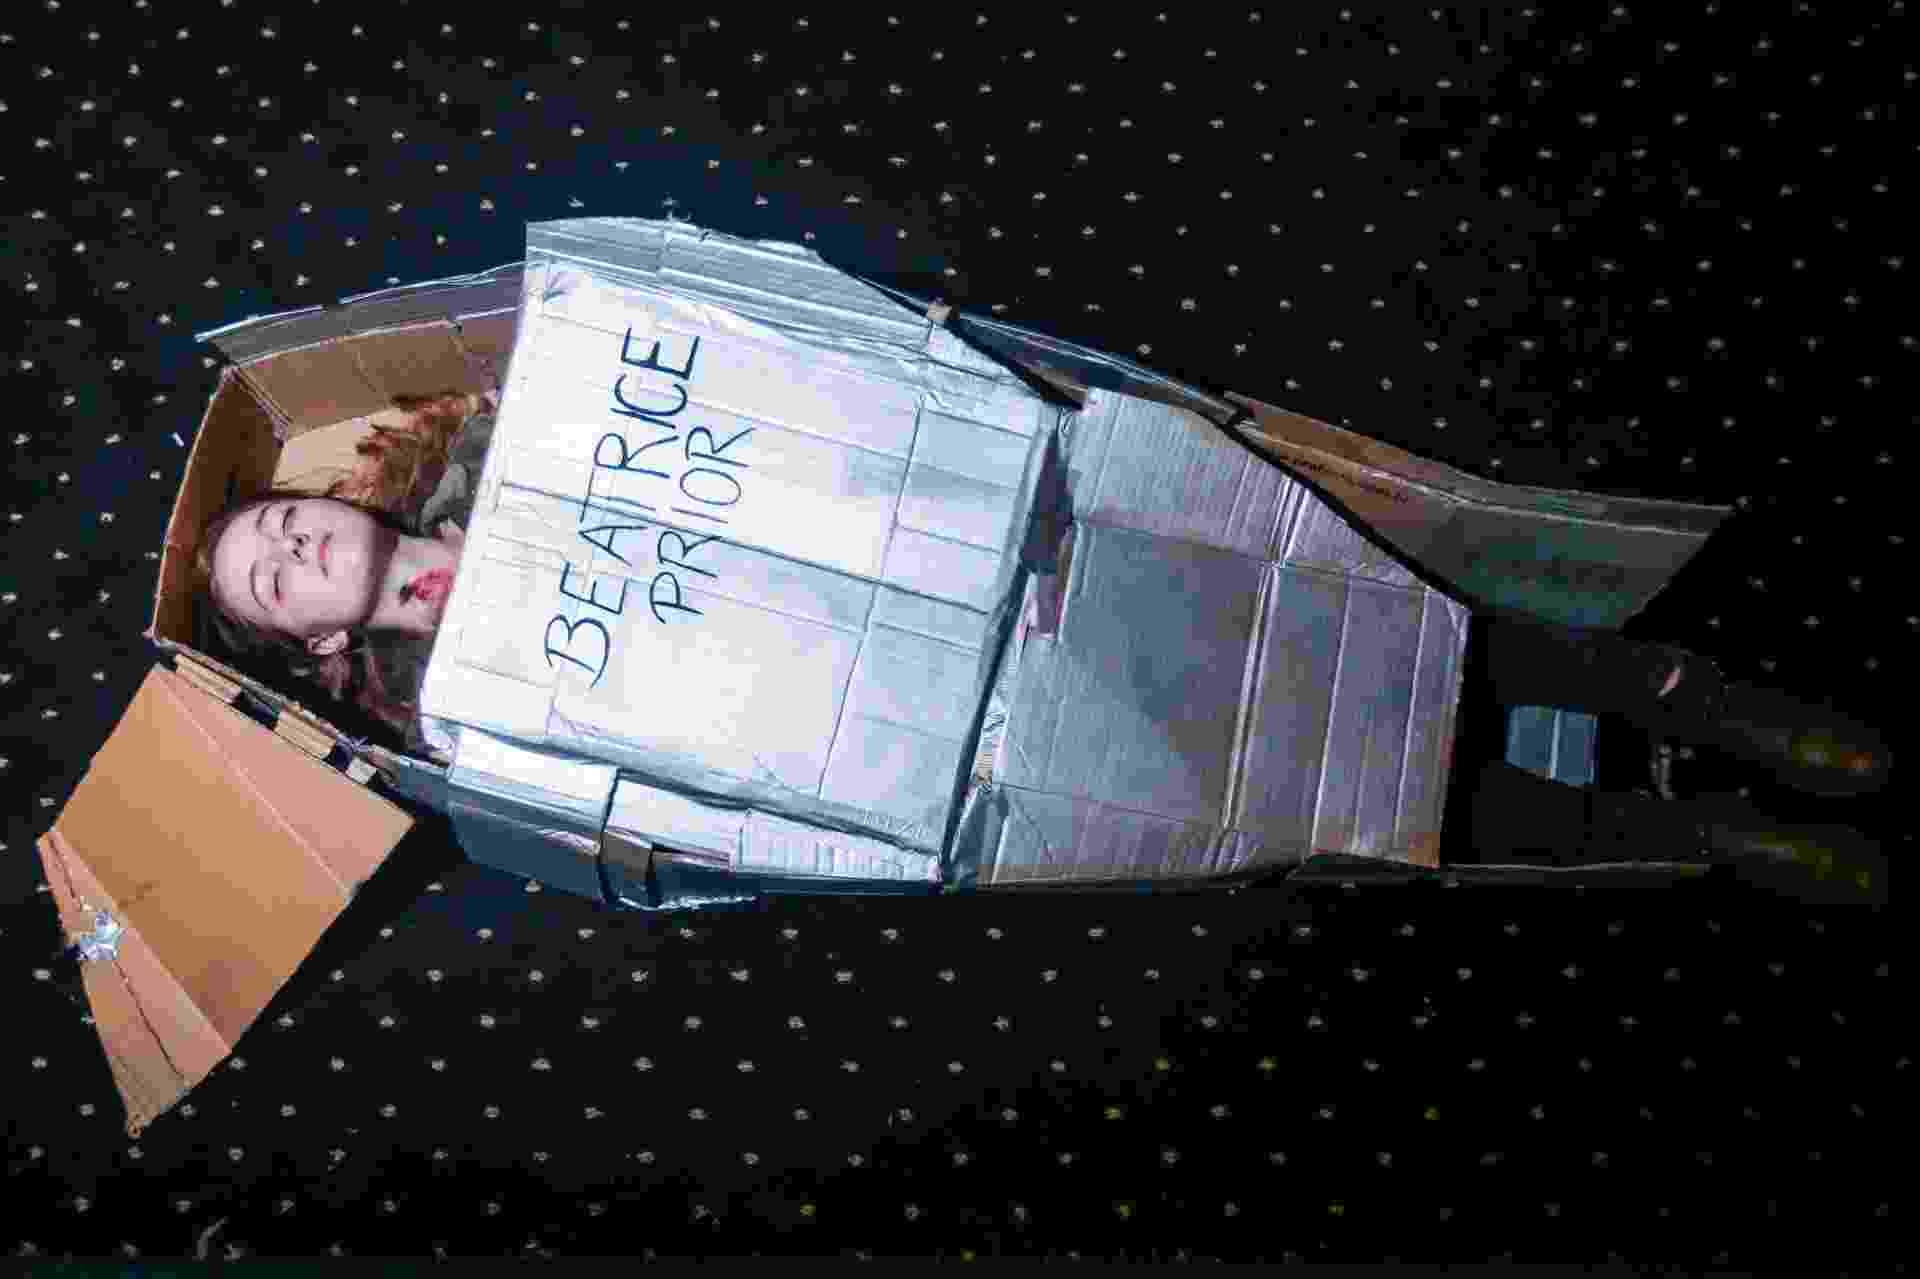 """6.mar.2016 - Fãs do filme """"A Série Divergente: Convergente"""" se encontram no Cine Livraria Cultura, em São Paulo. - Ricardo Matsukawa / UOL"""